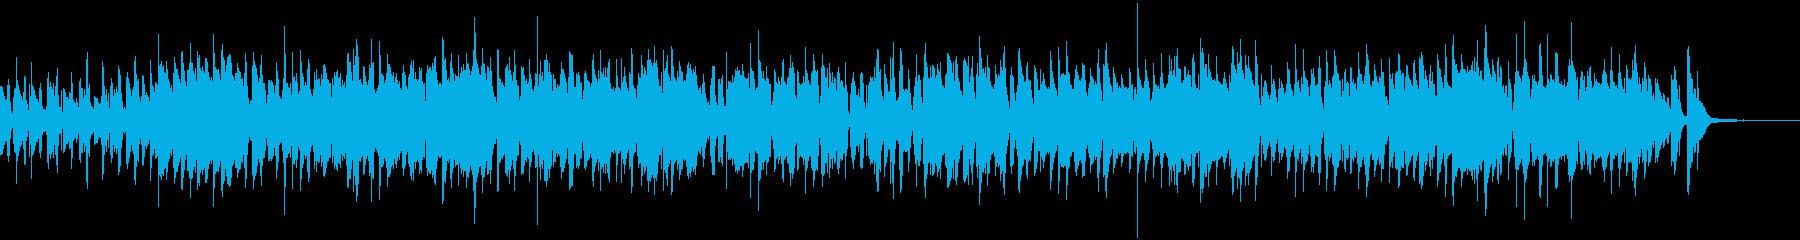 サックスが奏でる軽快なジャズ・ナンバーの再生済みの波形